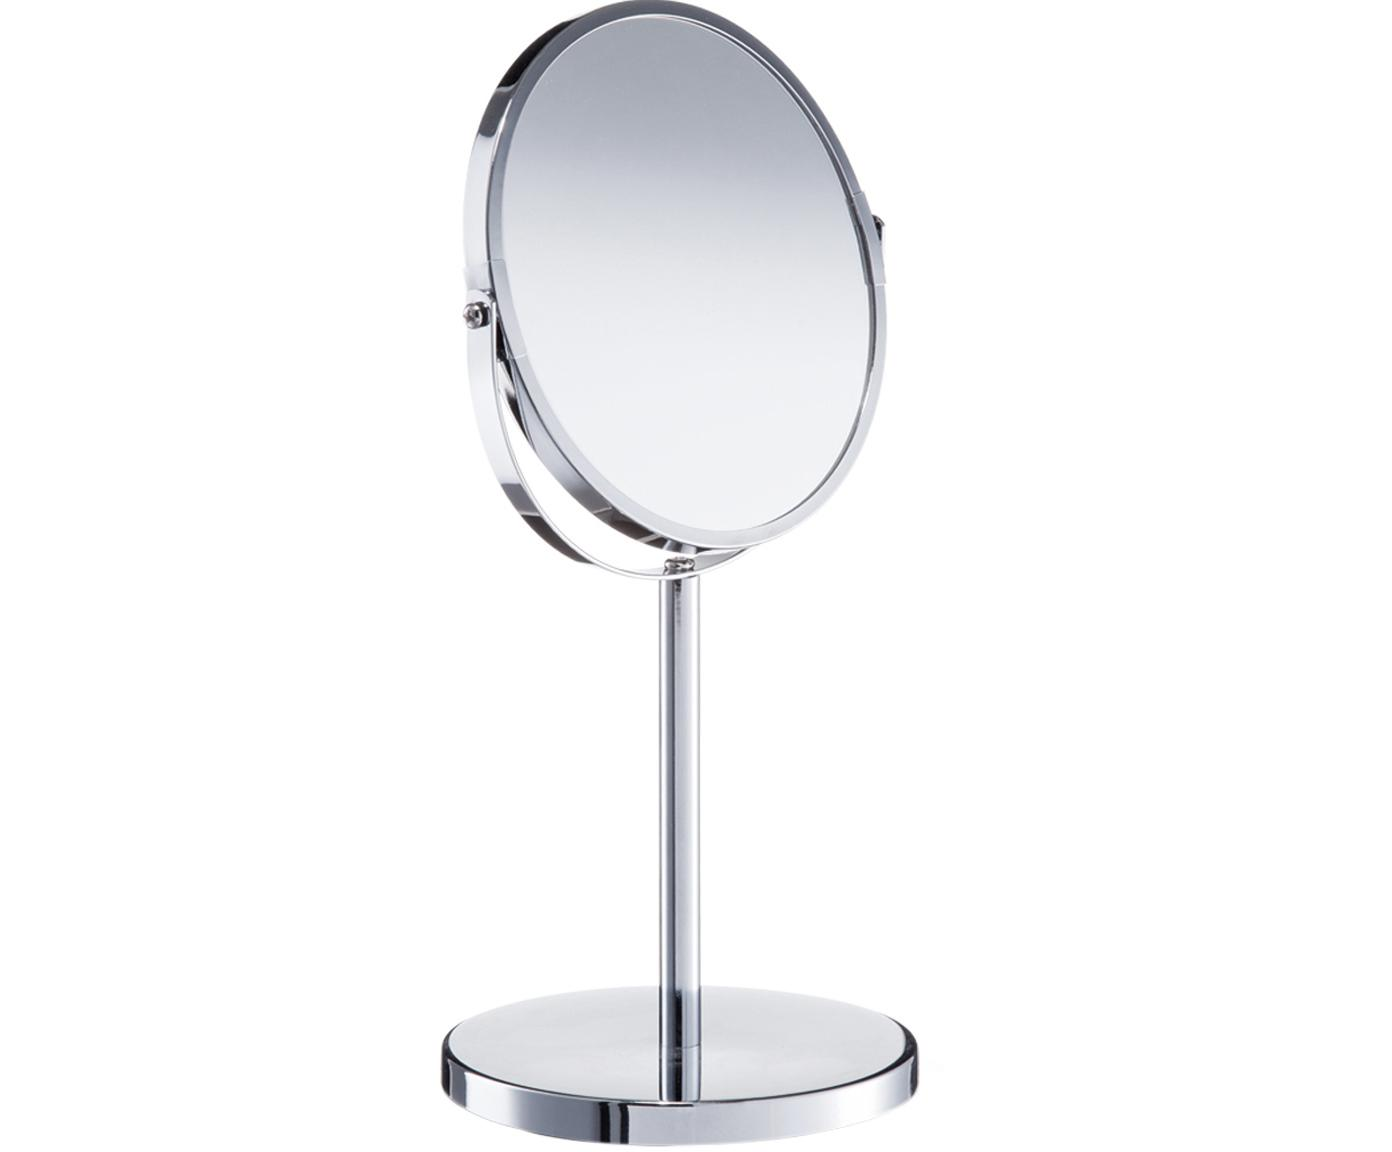 Specchio cosmetico Flip con ingrandimento, Superficie dello specchio: lastra di vetro, Argentato, Ø 17 x Alt. 35 cm